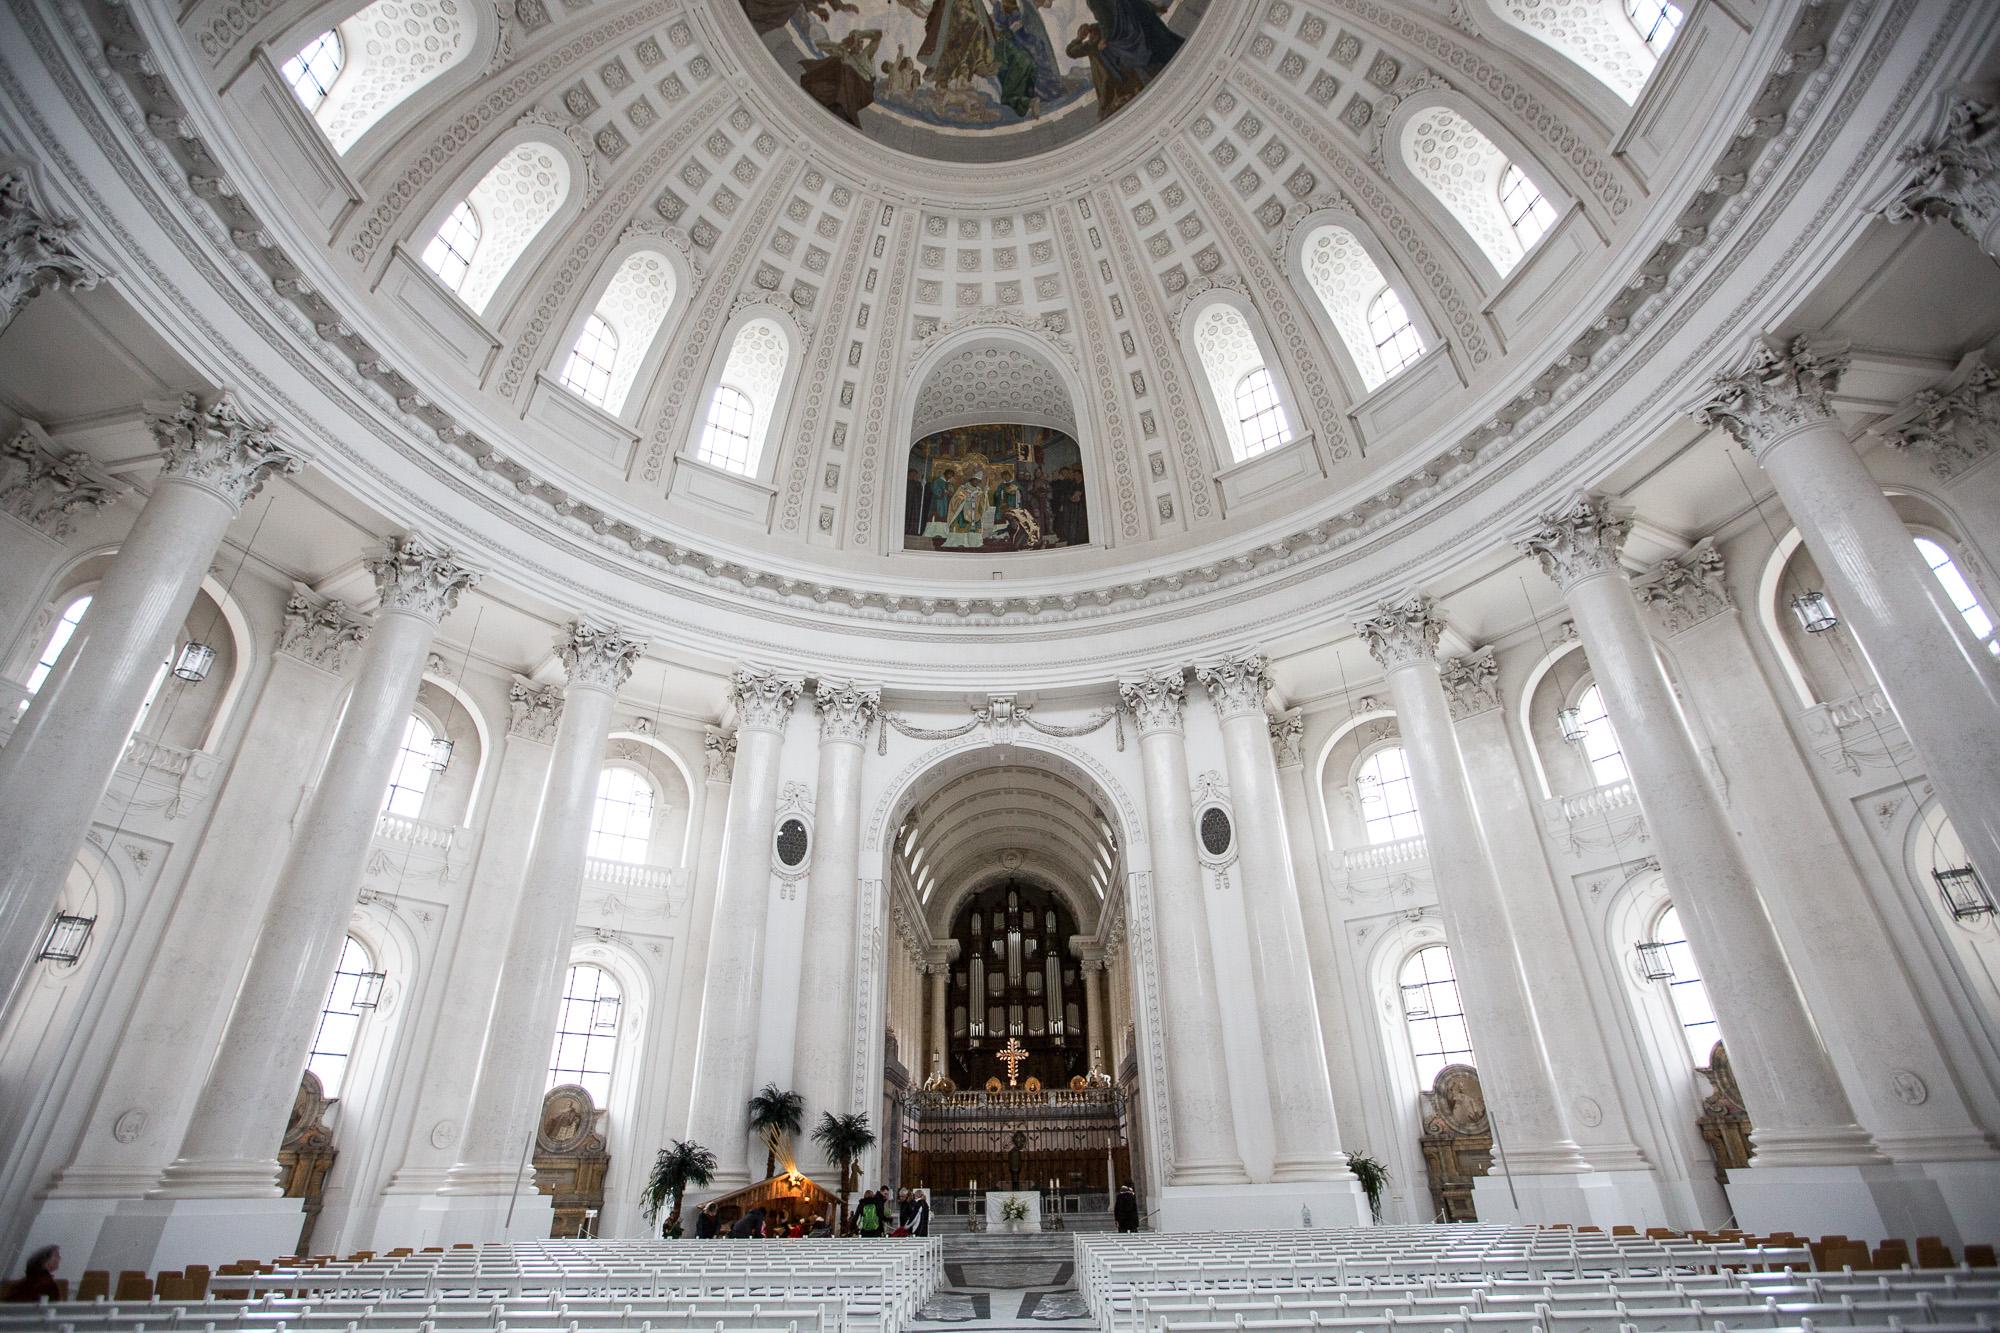 Abteikirche des Klosters St. Blasien